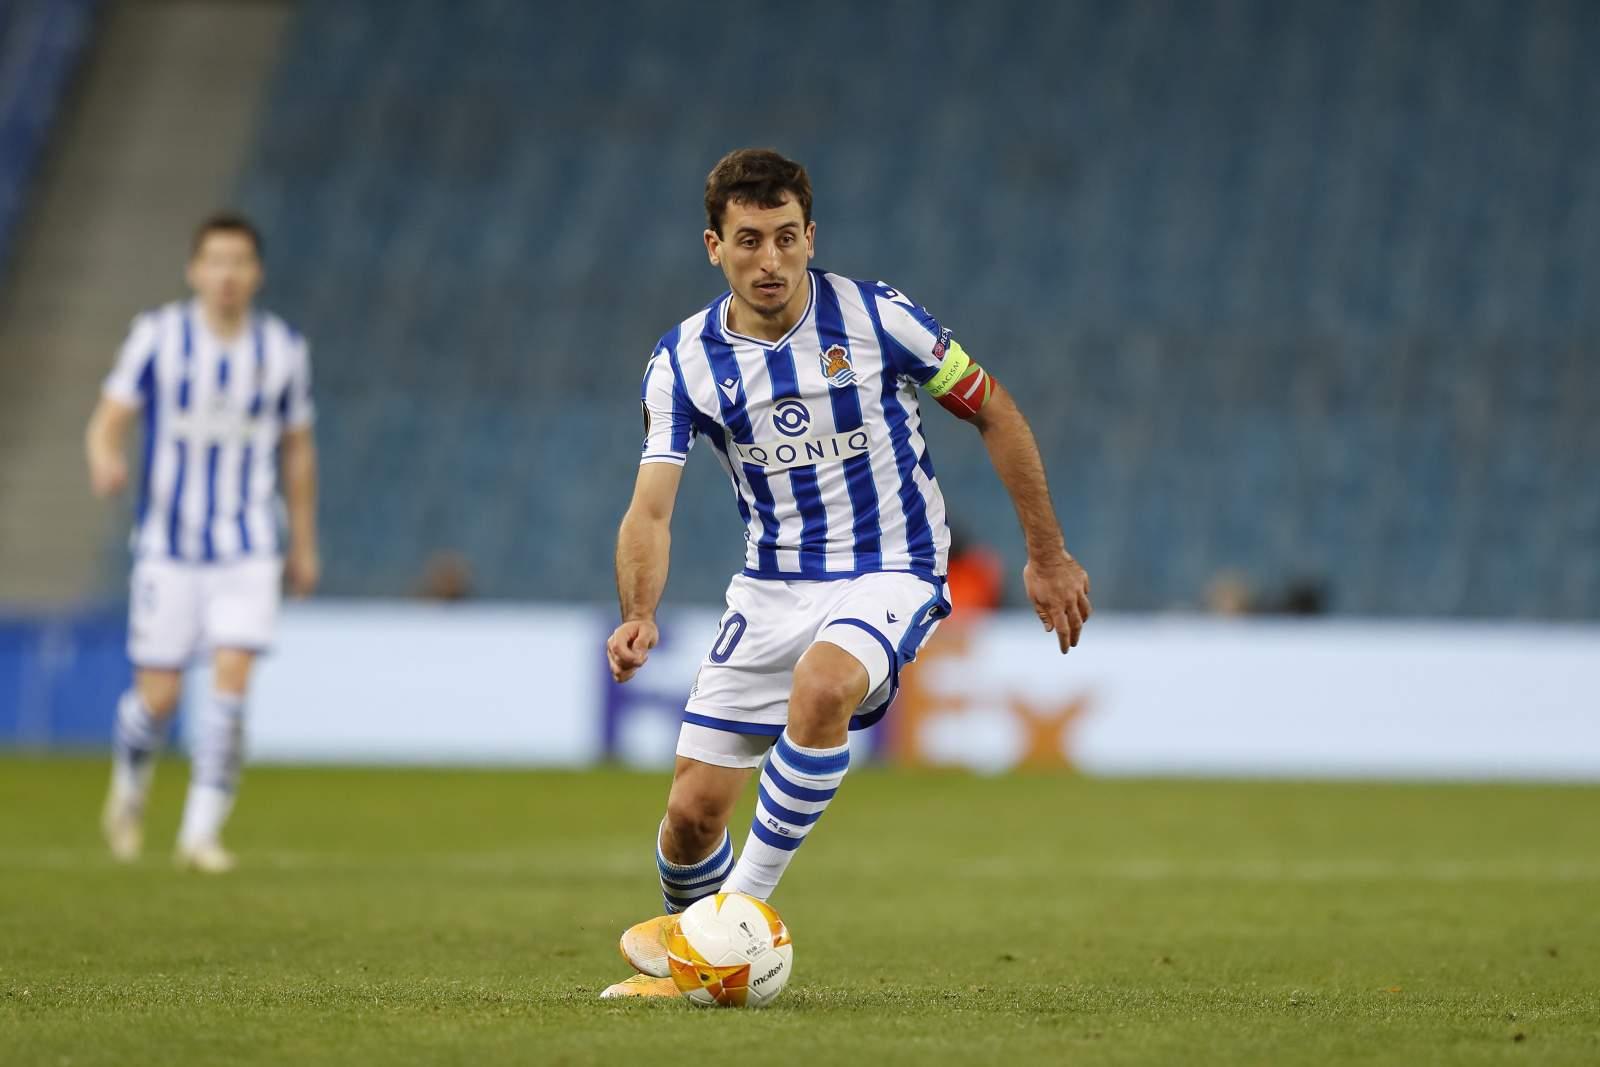 «Реал Сосьедад» обыграл «Райо Вальекано» благодаря голу с пенальти